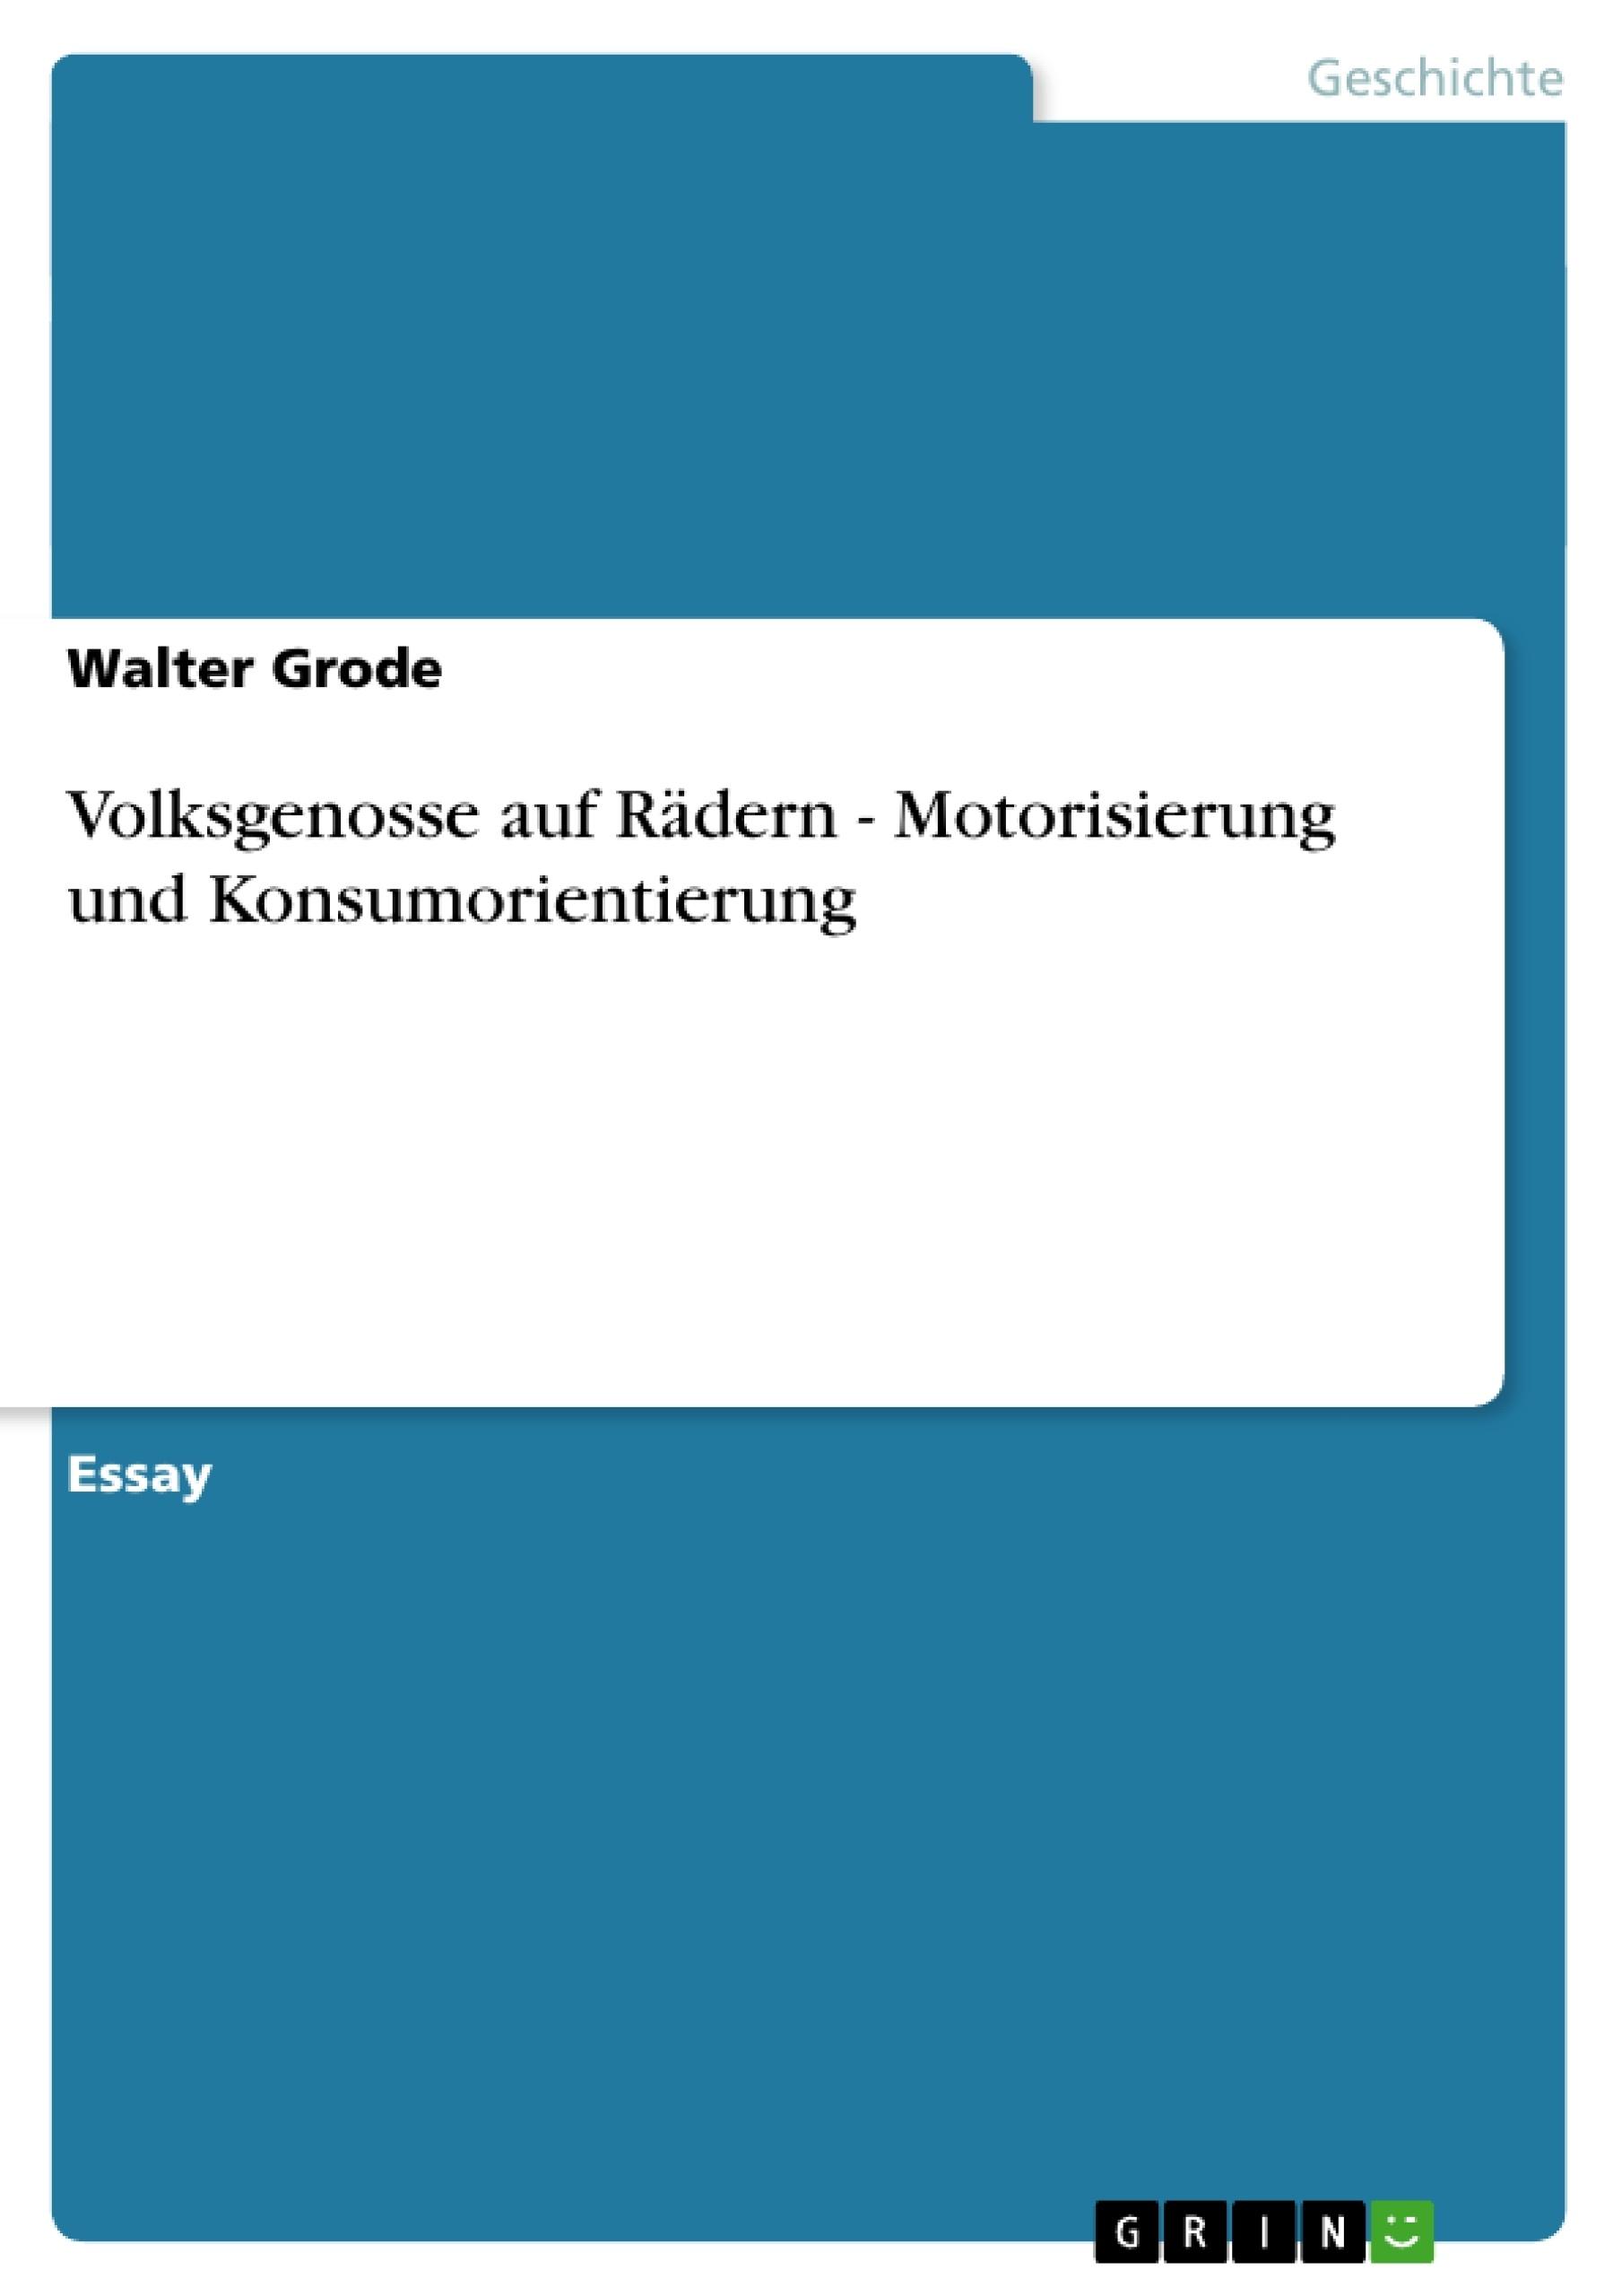 Titel: Volksgenosse auf Rädern - Motorisierung und Konsumorientierung